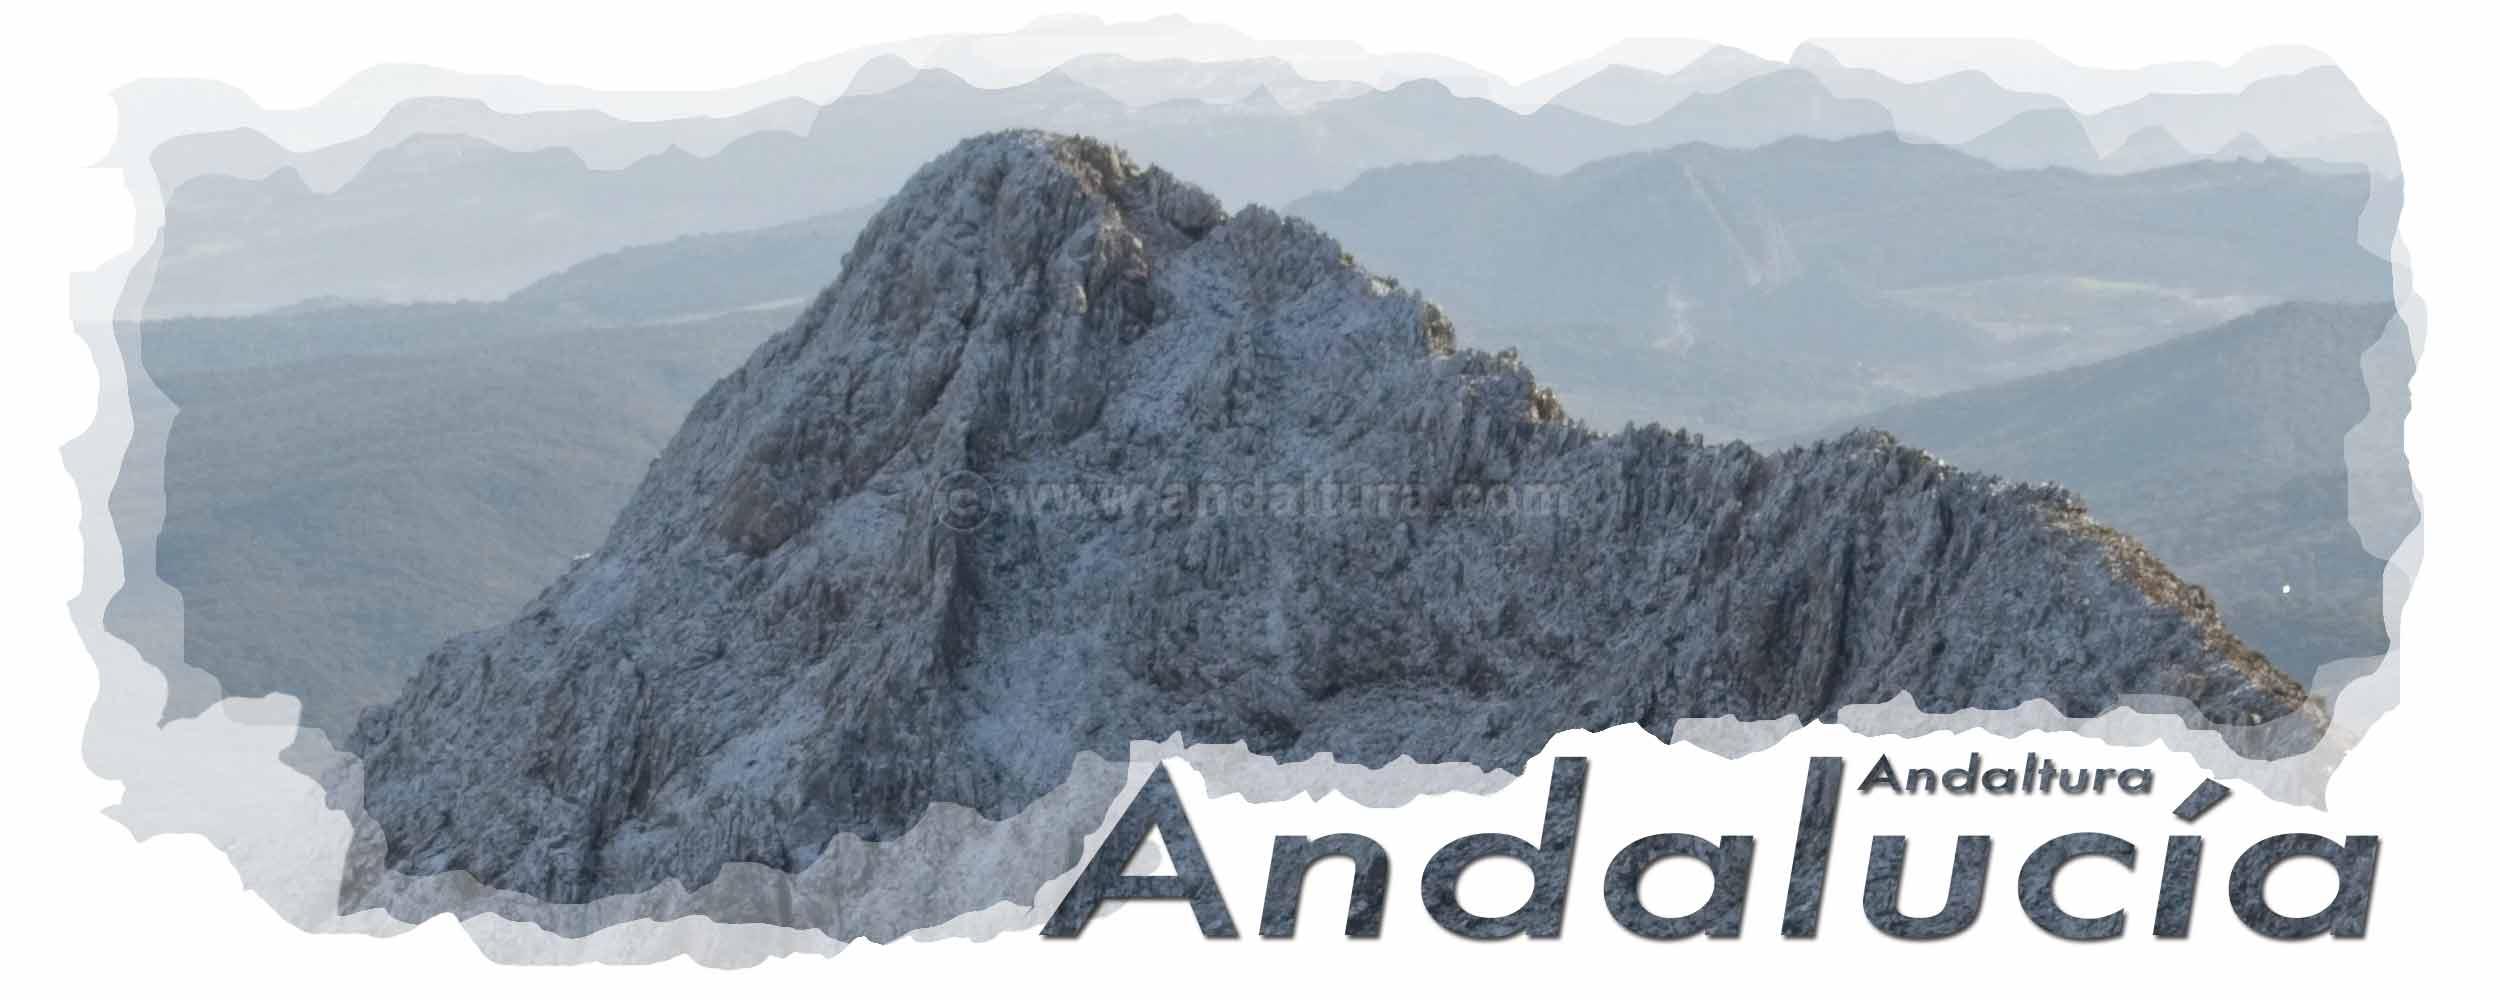 Andalucía Cabecera, Pico San Cristóbal desde el Torreón